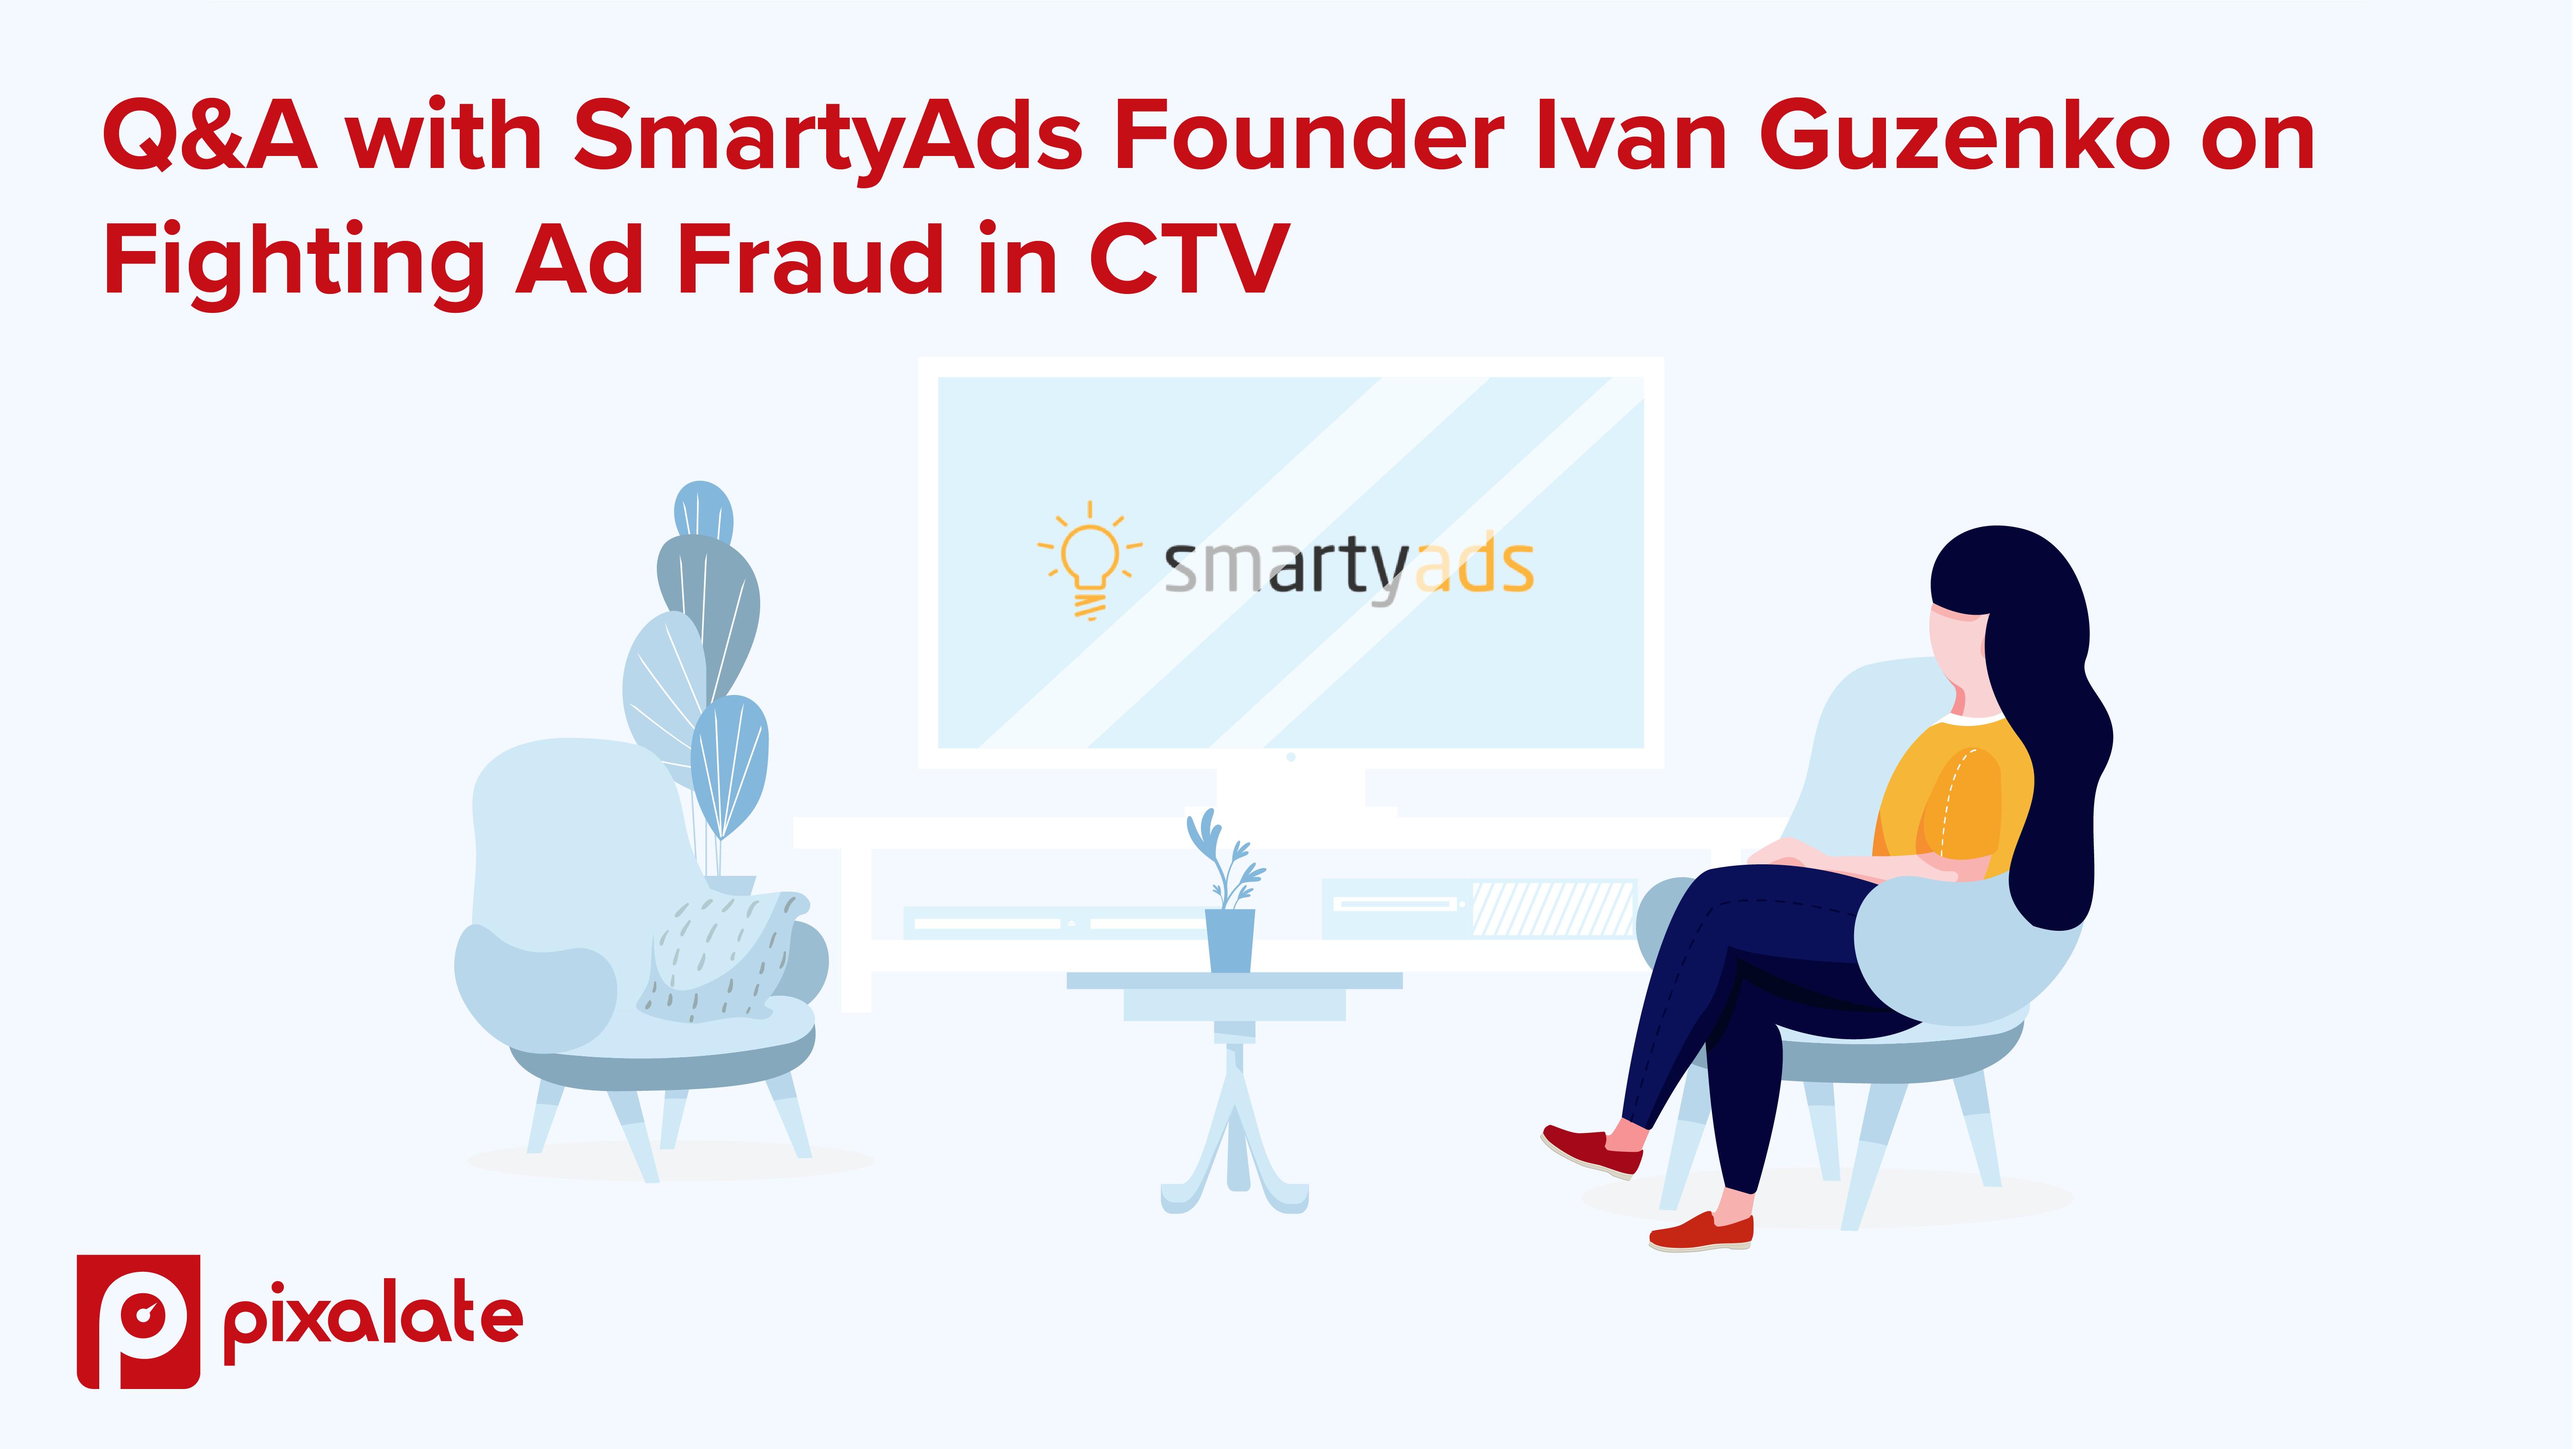 smartyads-pixalate-qa-featured-image